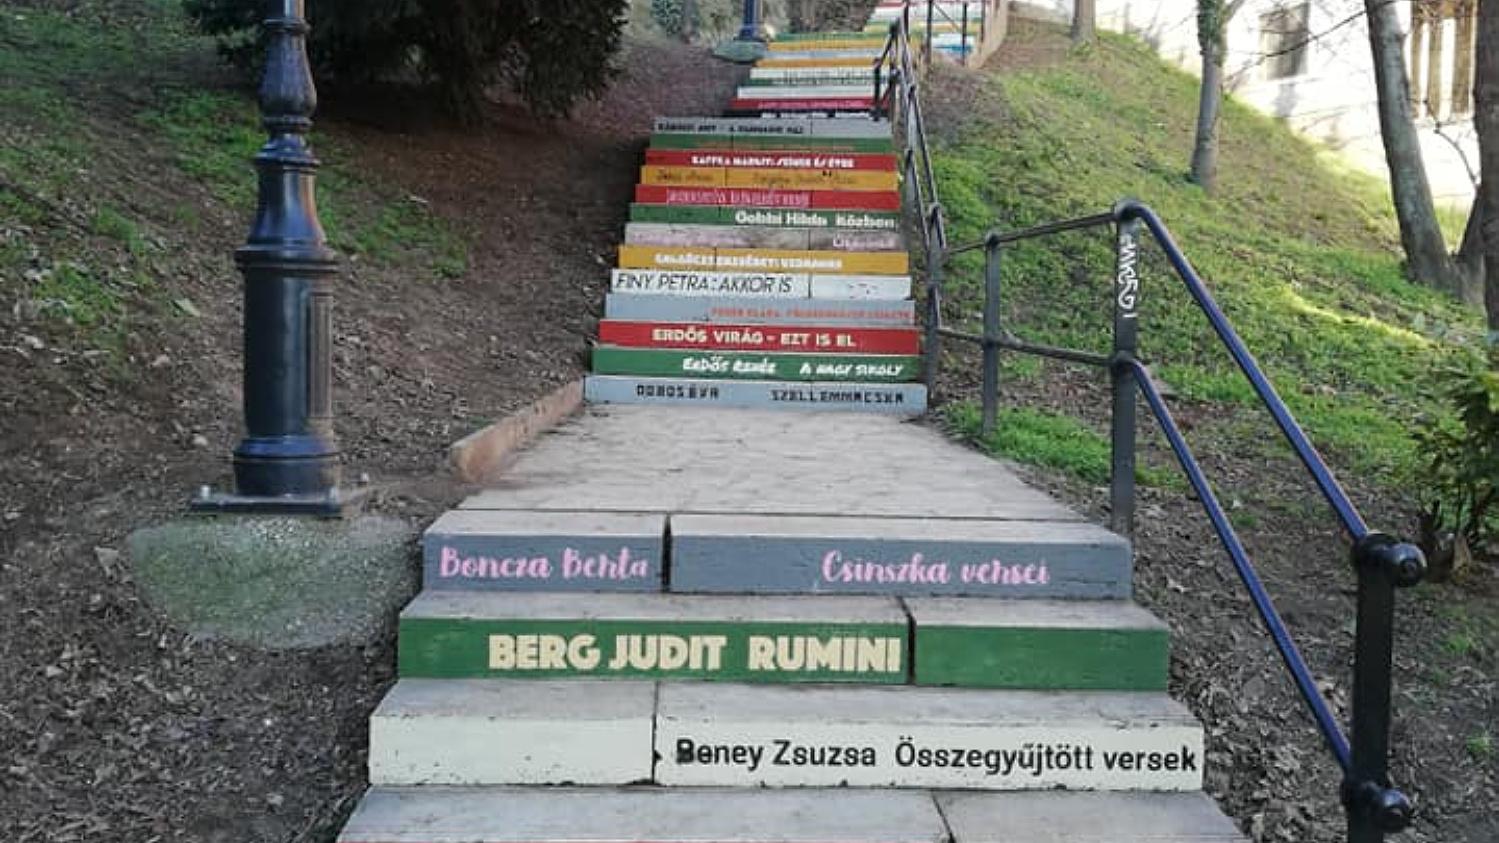 47 magyar írónak és költőnek fejezte ki hódolatát a Budavári Önkormányzat nőnap alkalmából